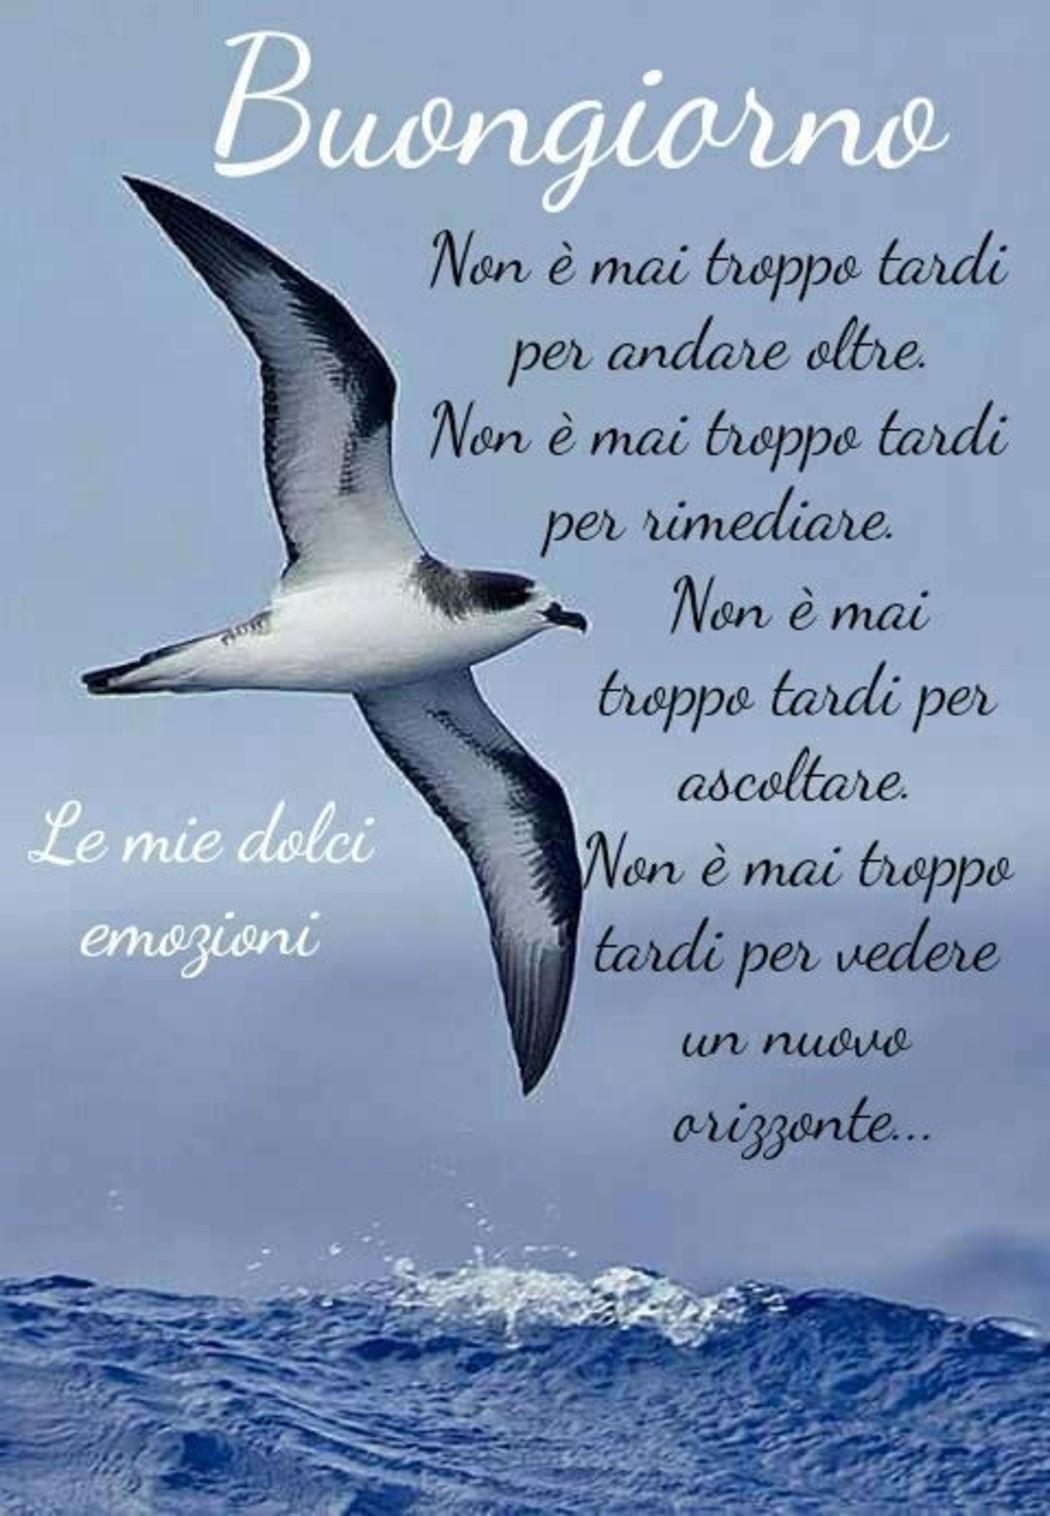 Belle Immagini Buongiorno Con Frasi 5 Fotowhatsapp It